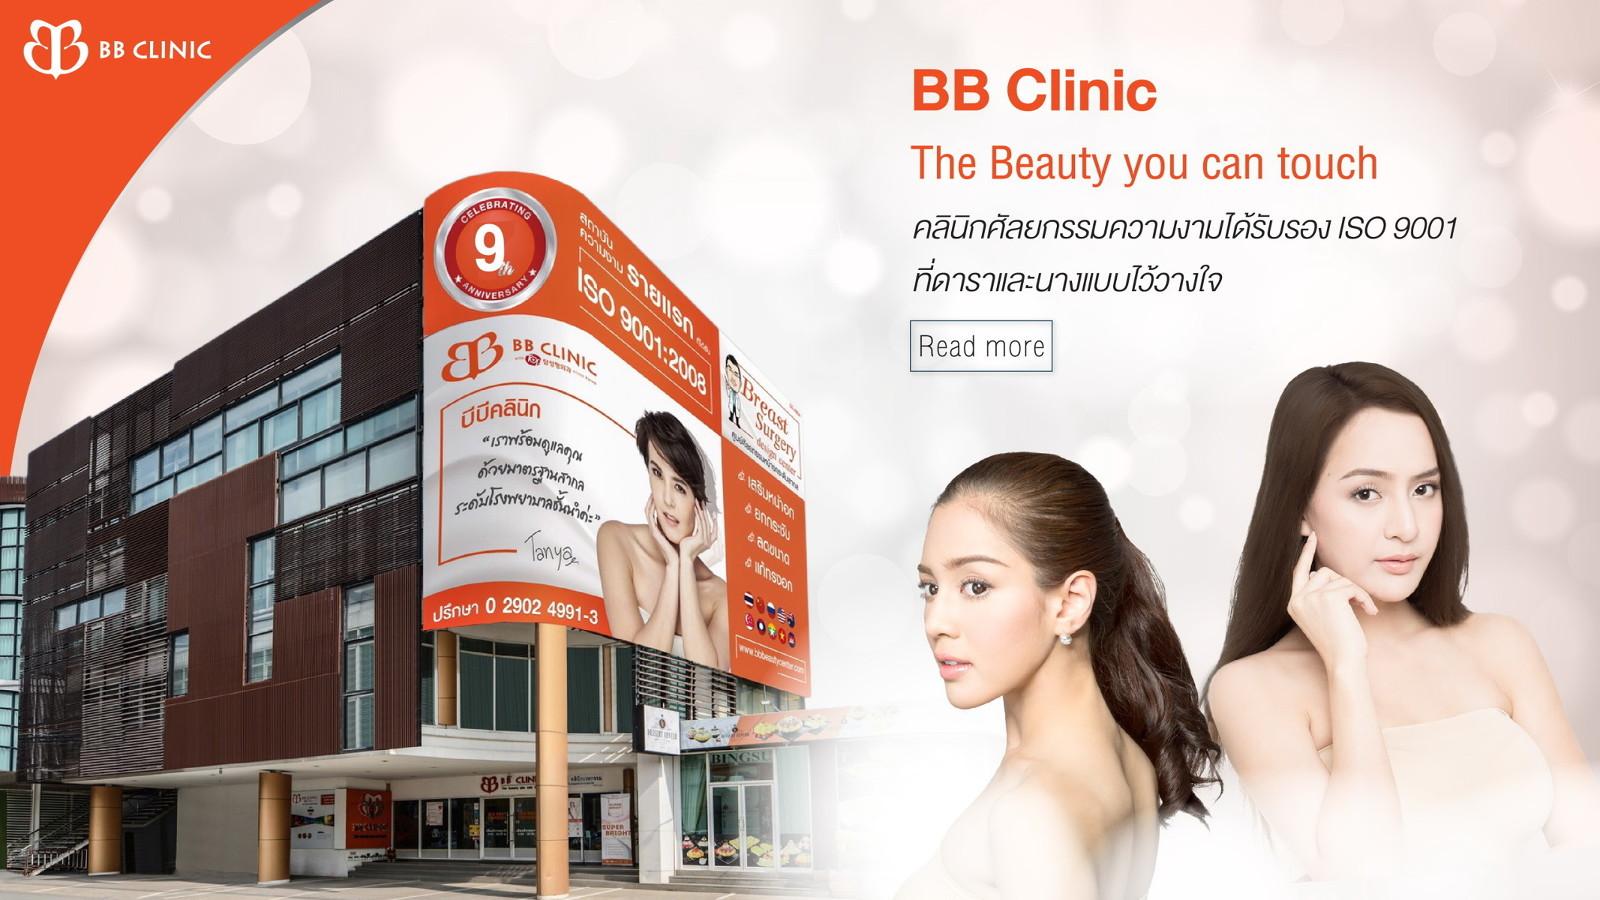 """รอบรู้เรื่อง """"ศัลยกรรมหน้าอก""""สวยงาม...ปลอดภัย กับ BB Clinic"""